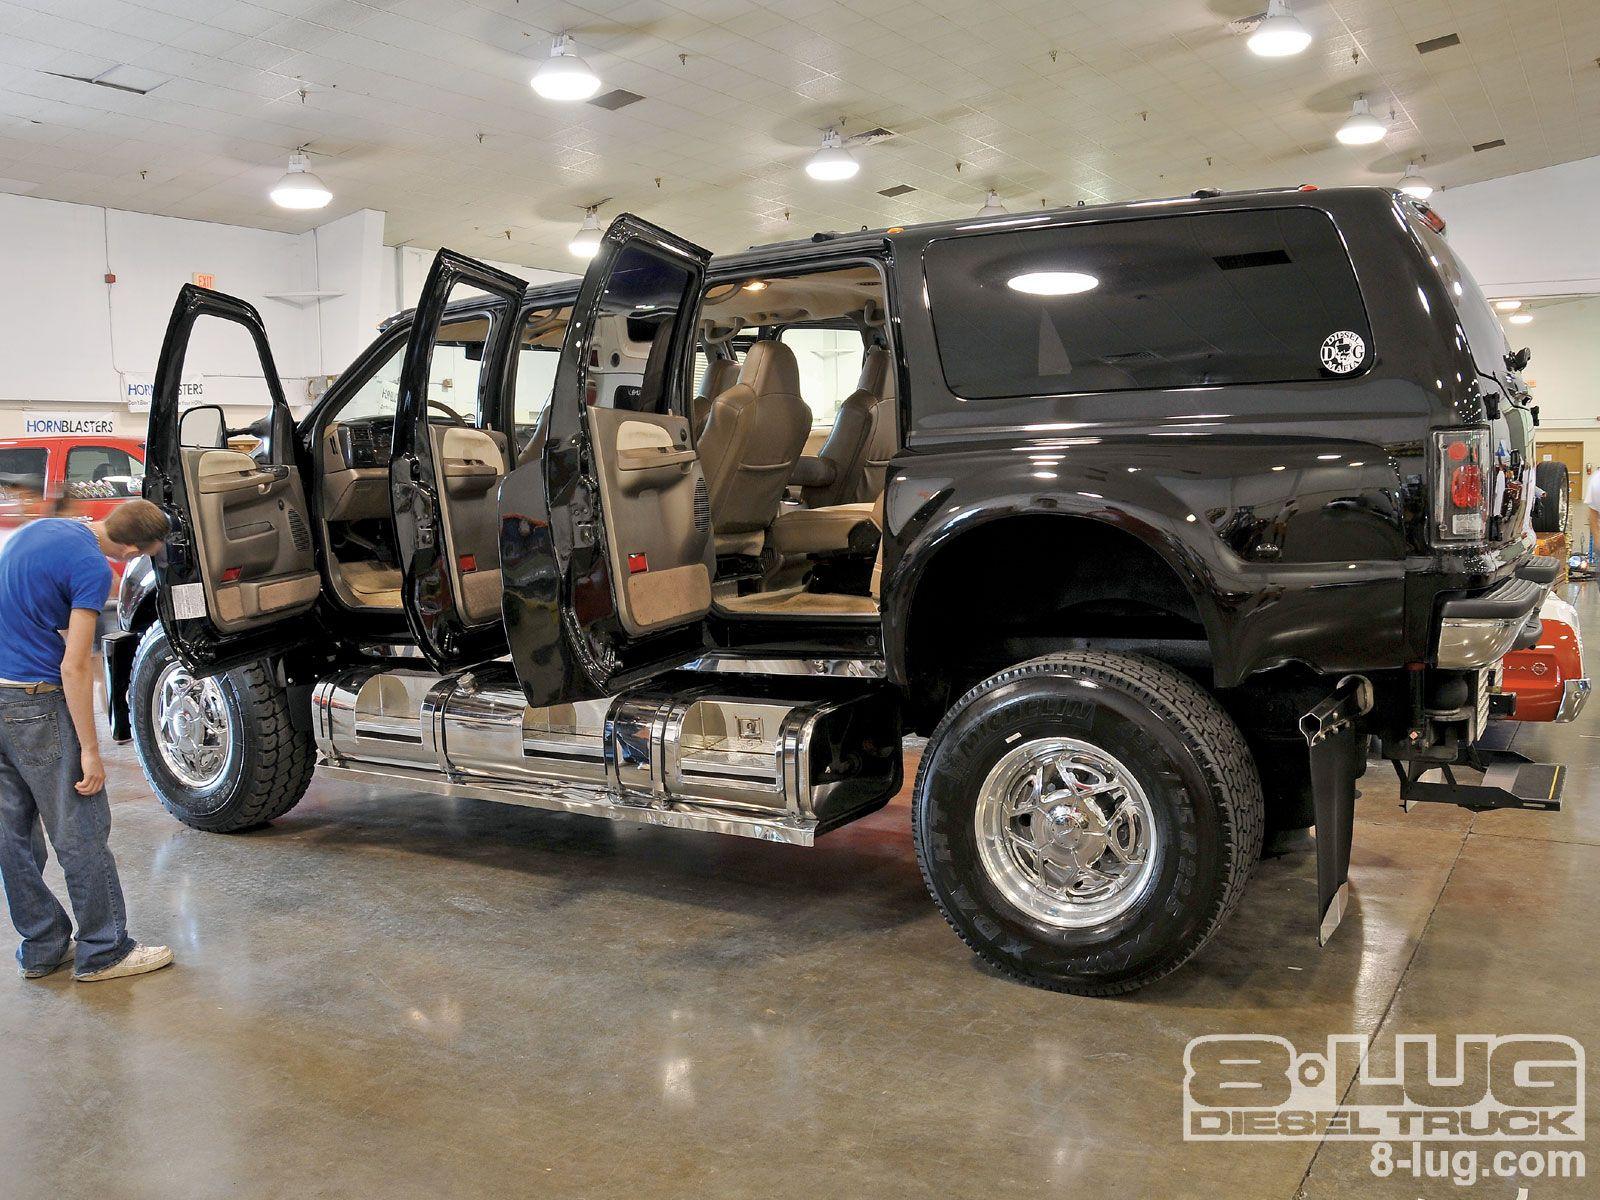 s 73 f650 trucks lifted trucks pickup trucks 6x6 truck customised [ 1600 x 1200 Pixel ]